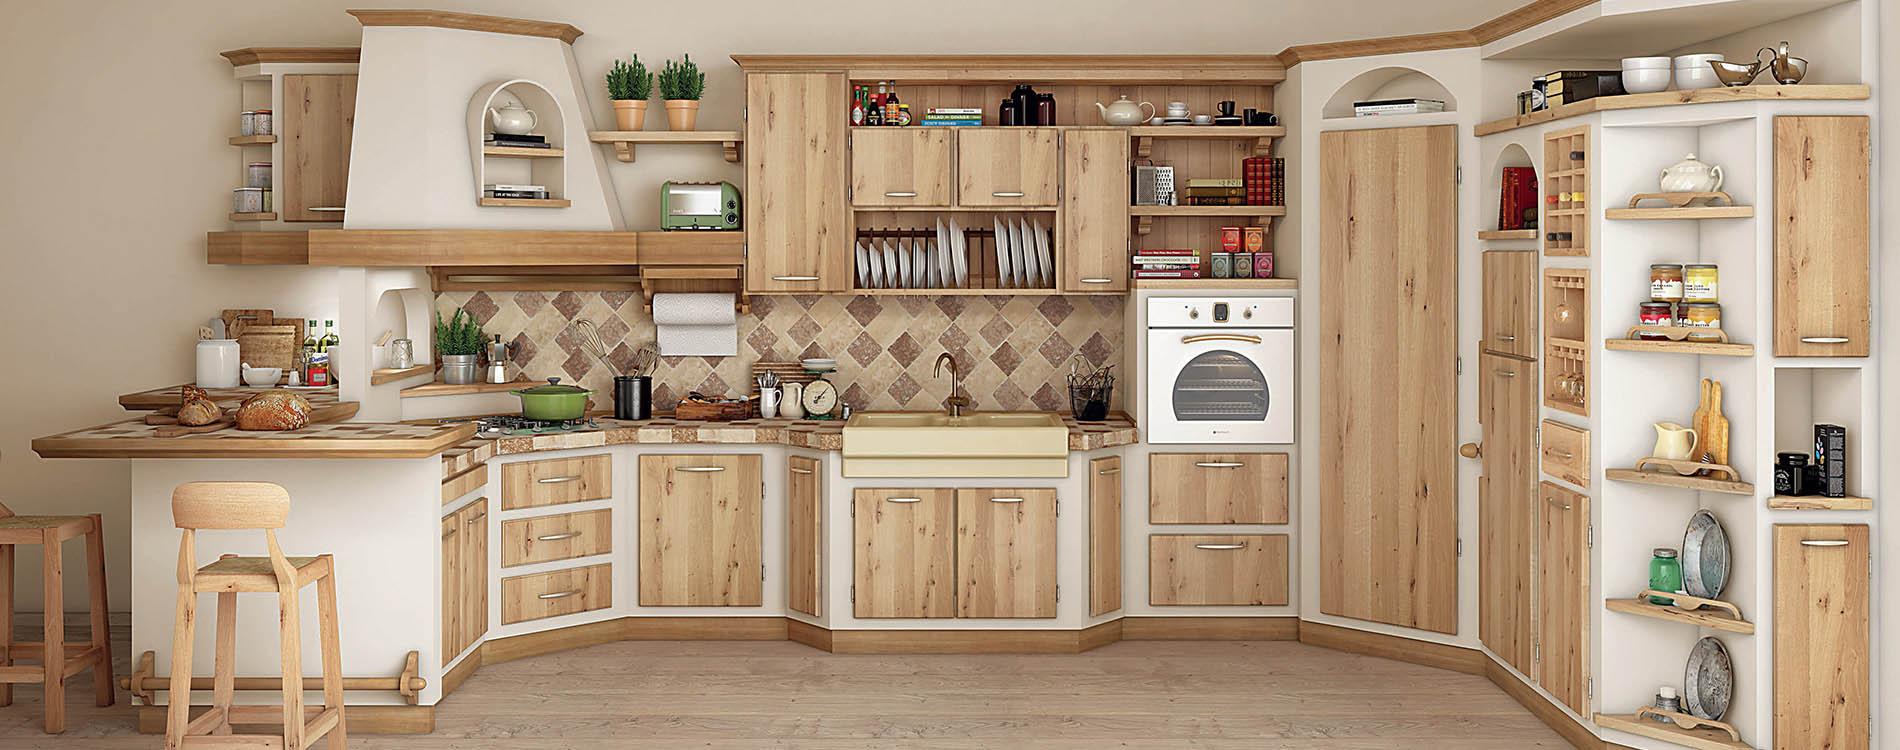 Mobilificio europa cucine lube stosa - Nuovarredo camere da letto ...